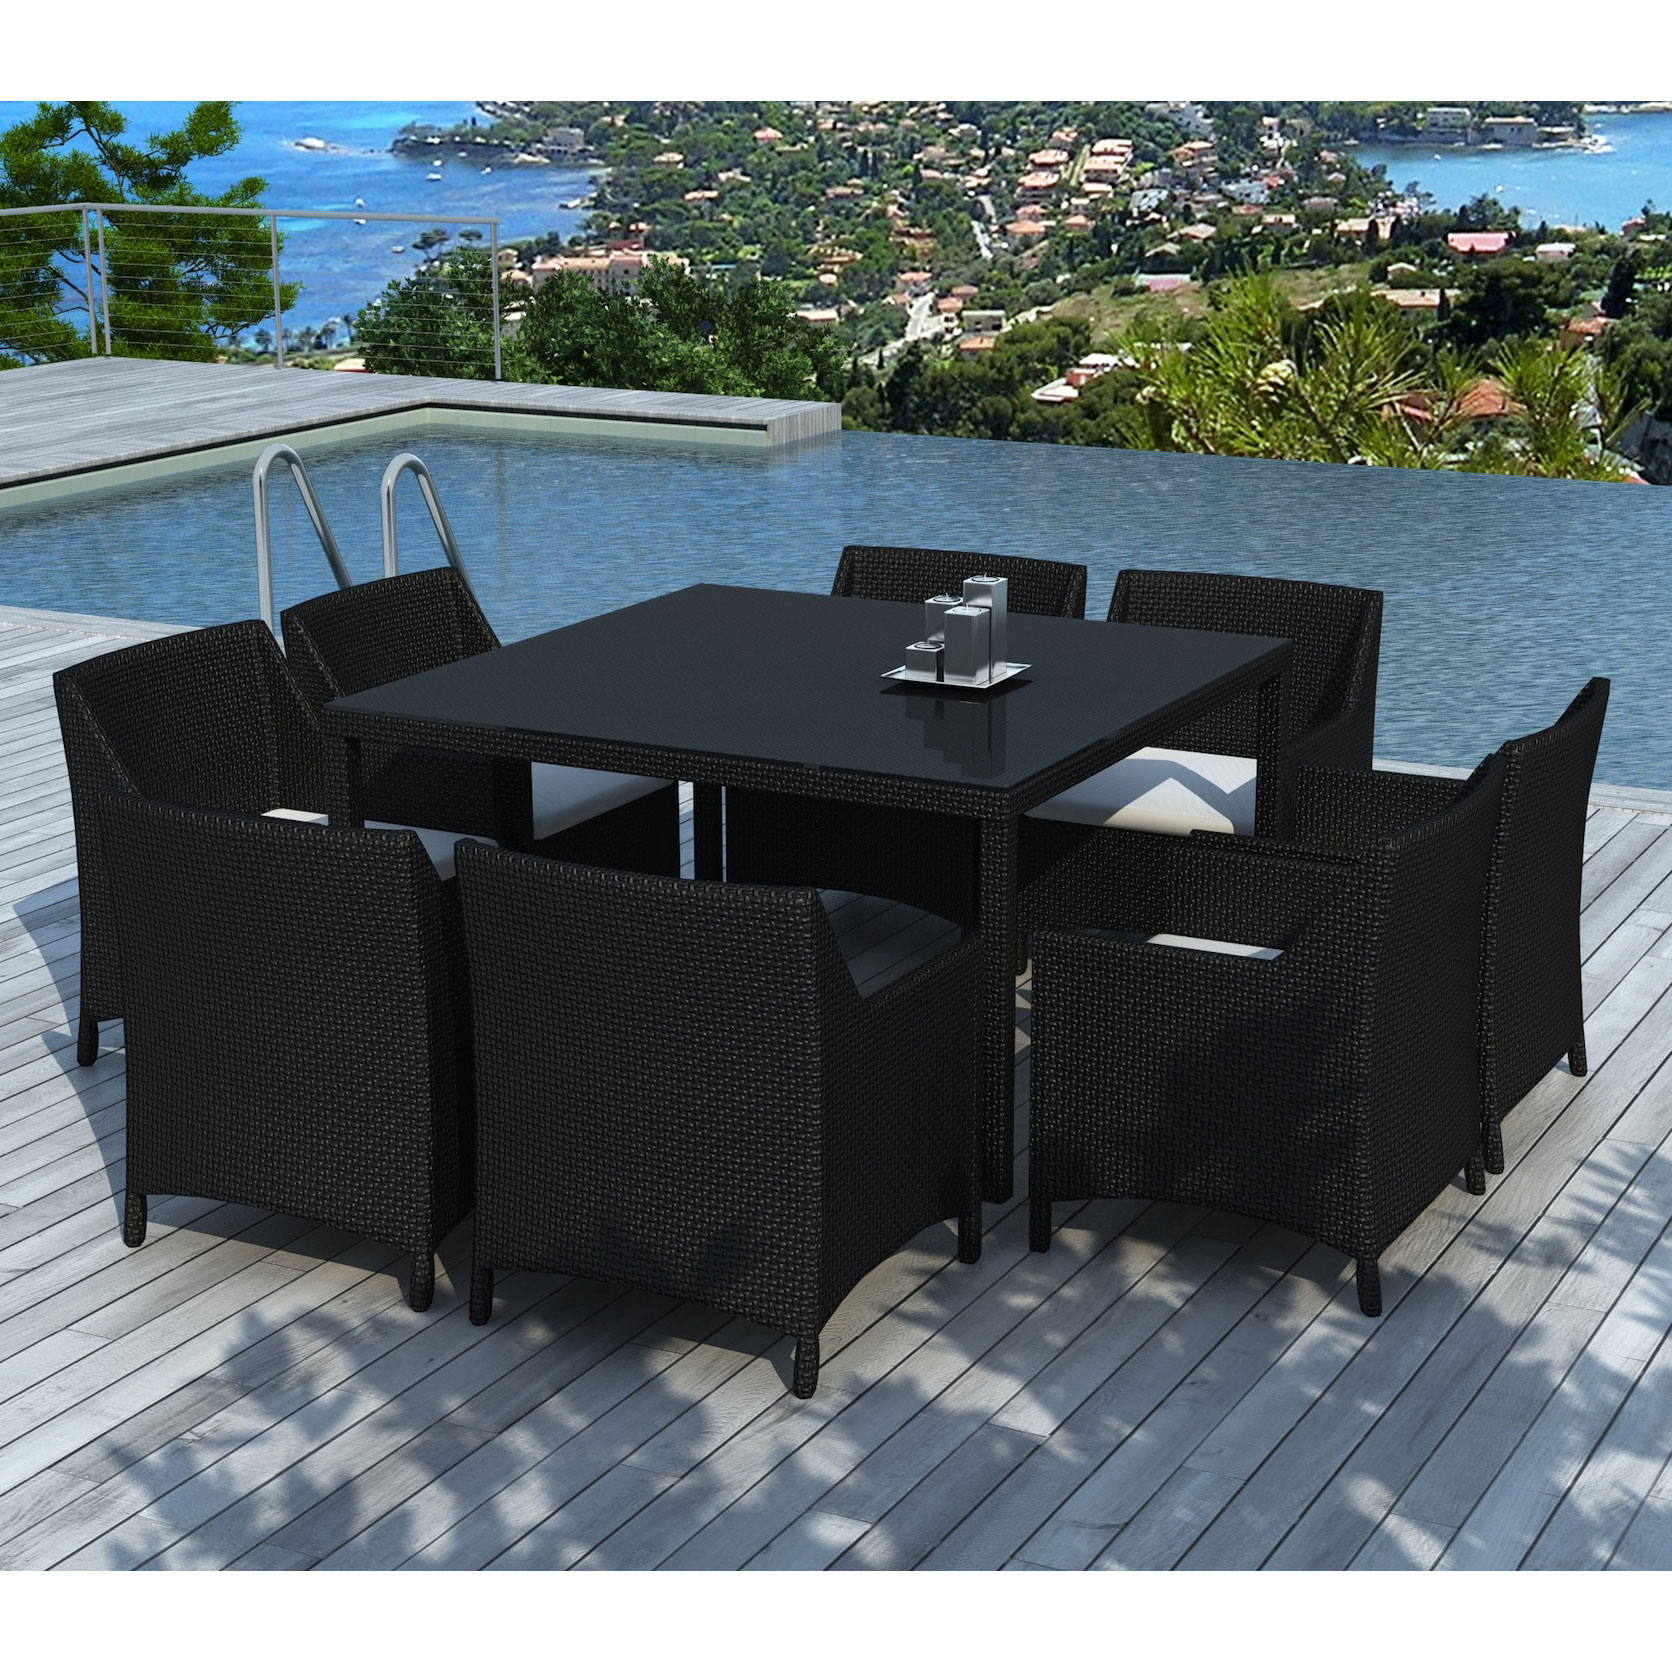 Fermette À Réhabiliter Intérieurement Divisée En 2 Petites Habitations  Communicantes avec Table De Jardin Carre